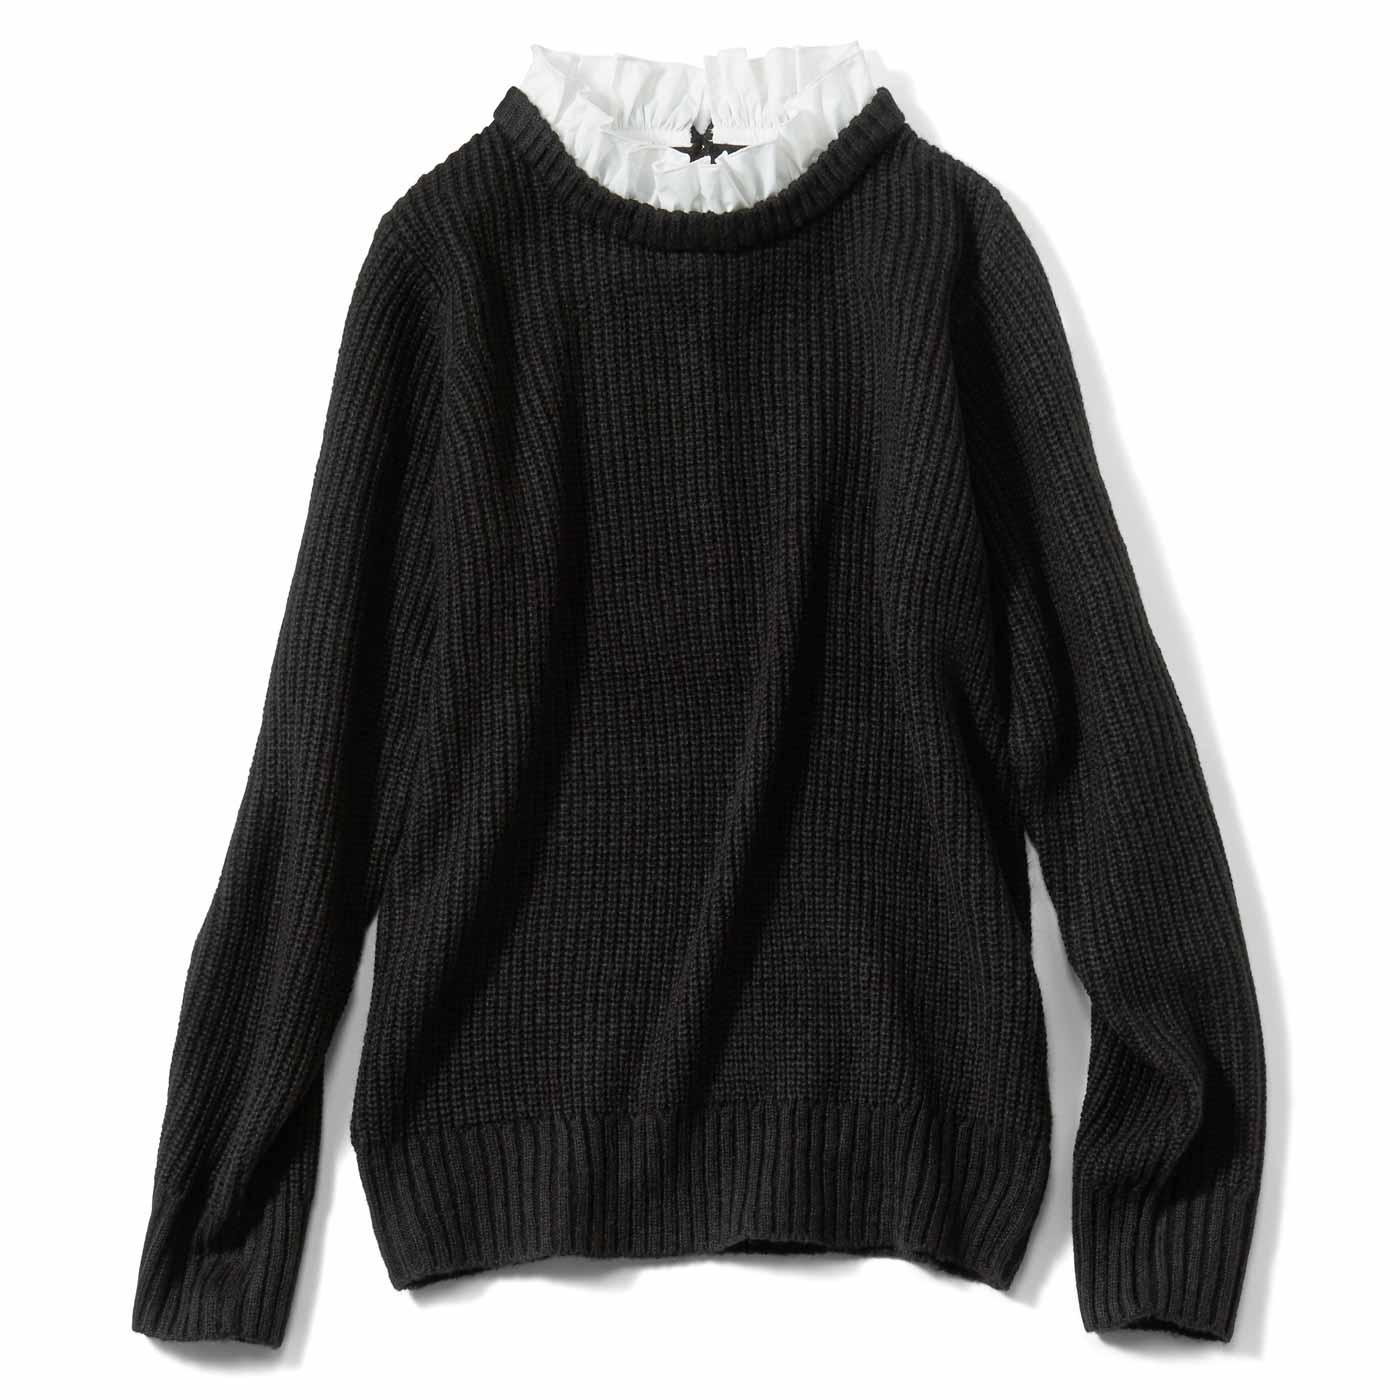 フェリシモ IEDIT[イディット] フリル衿がドッキングした 軽い着心地のあぜ編みニット〈ブラック〉